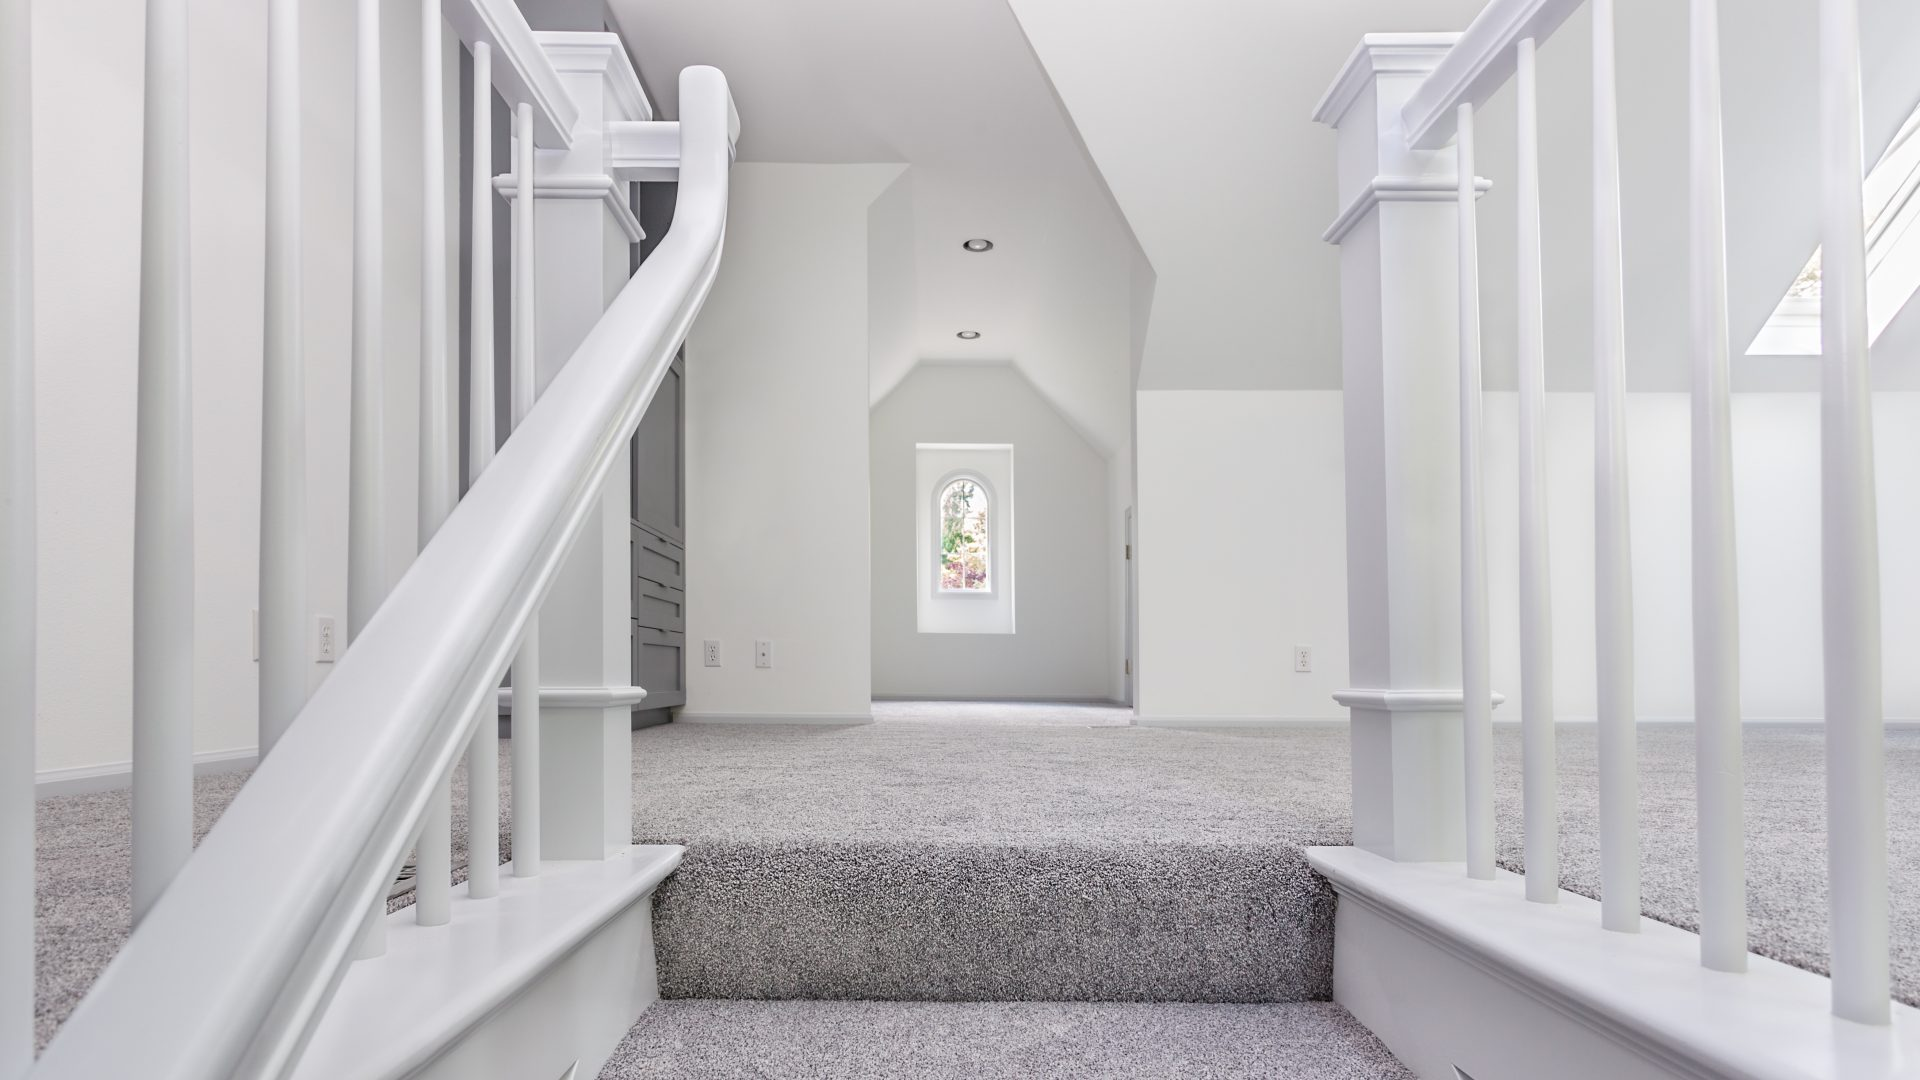 Frisch verlegter, grauer Teppich und weiß gestrichene Wände und Treppengeländer